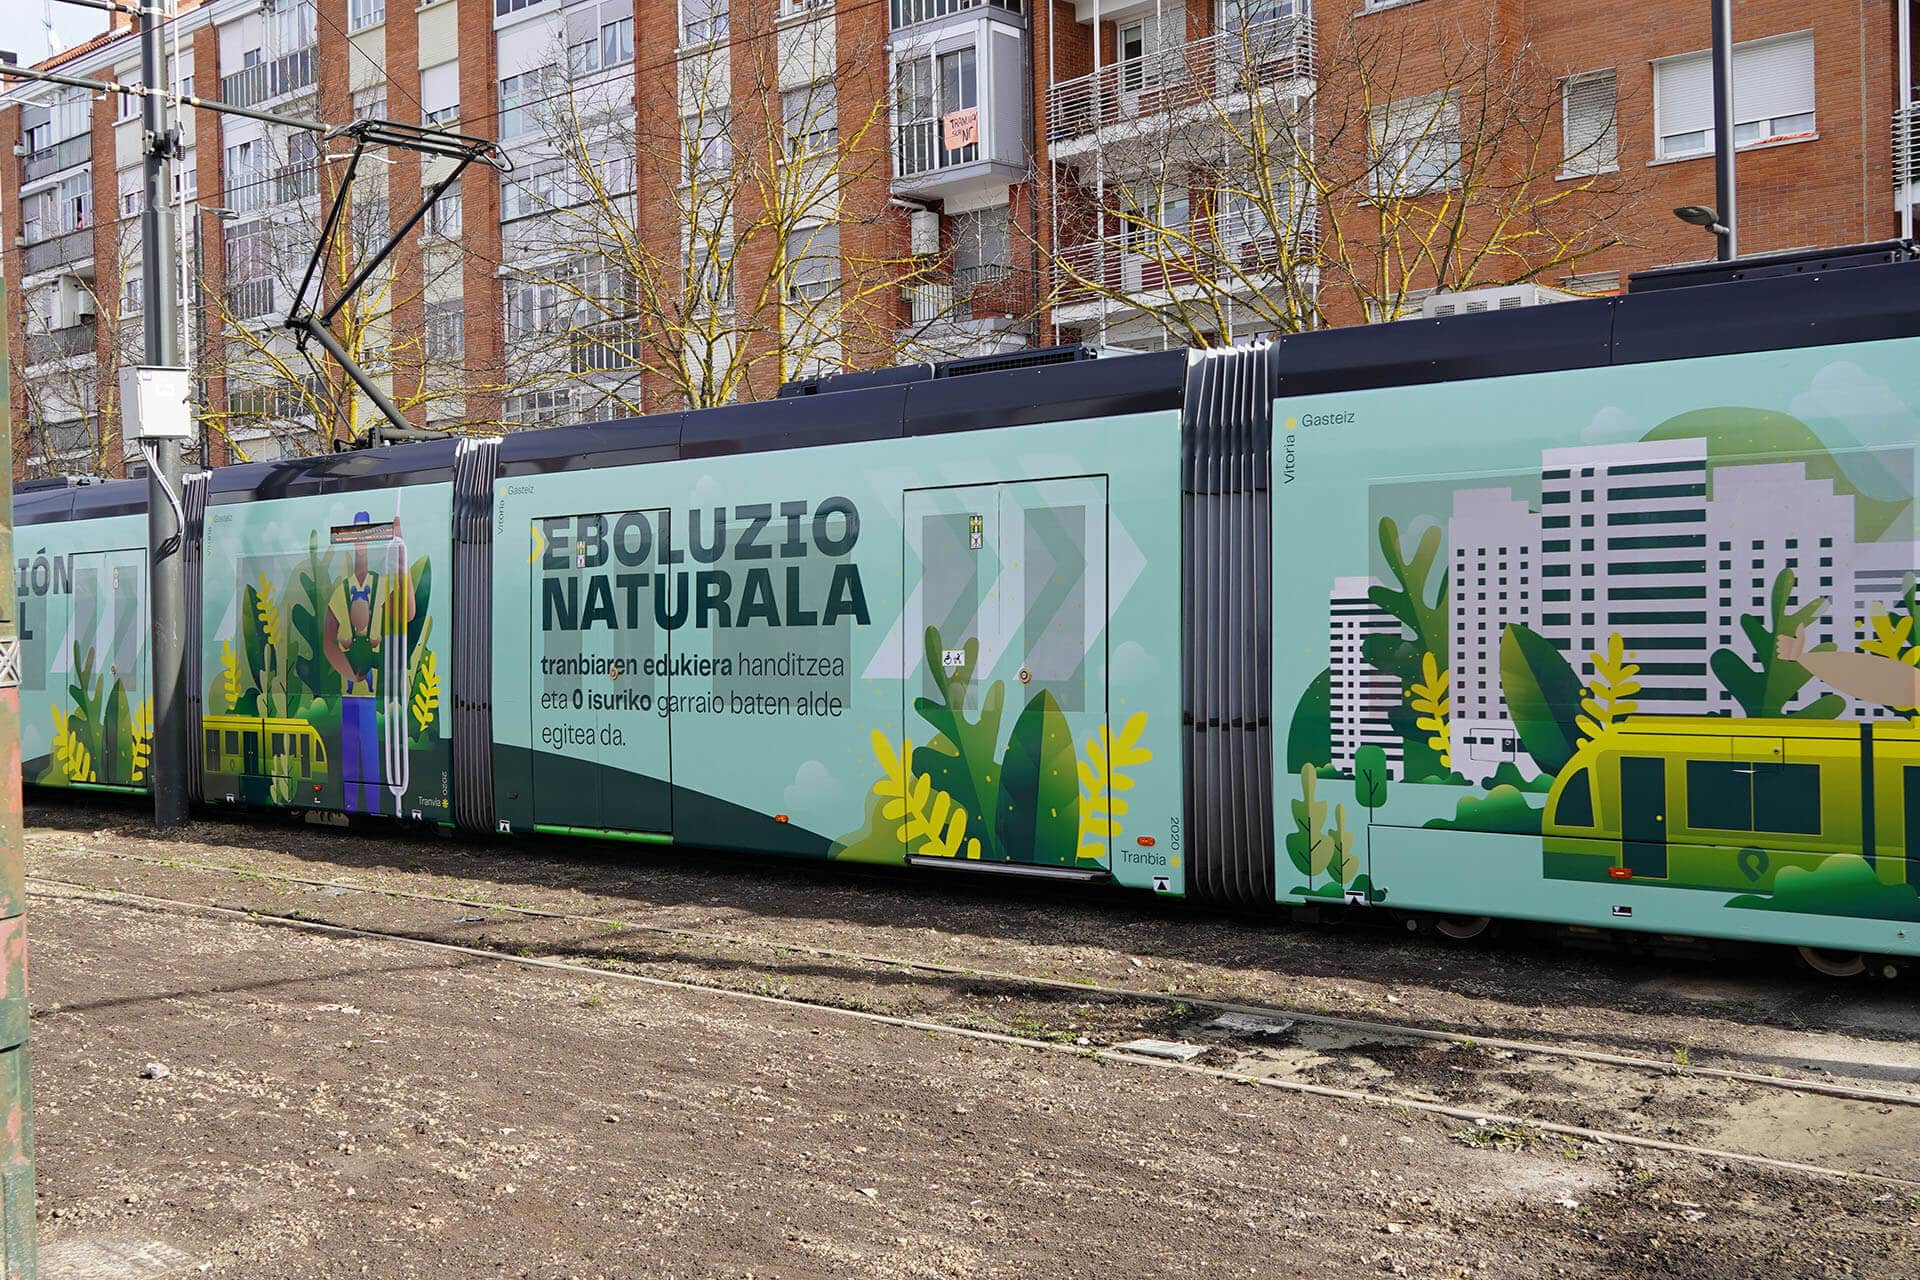 Inauguración Euskotren Tranvía Vitoria-Gasteiz